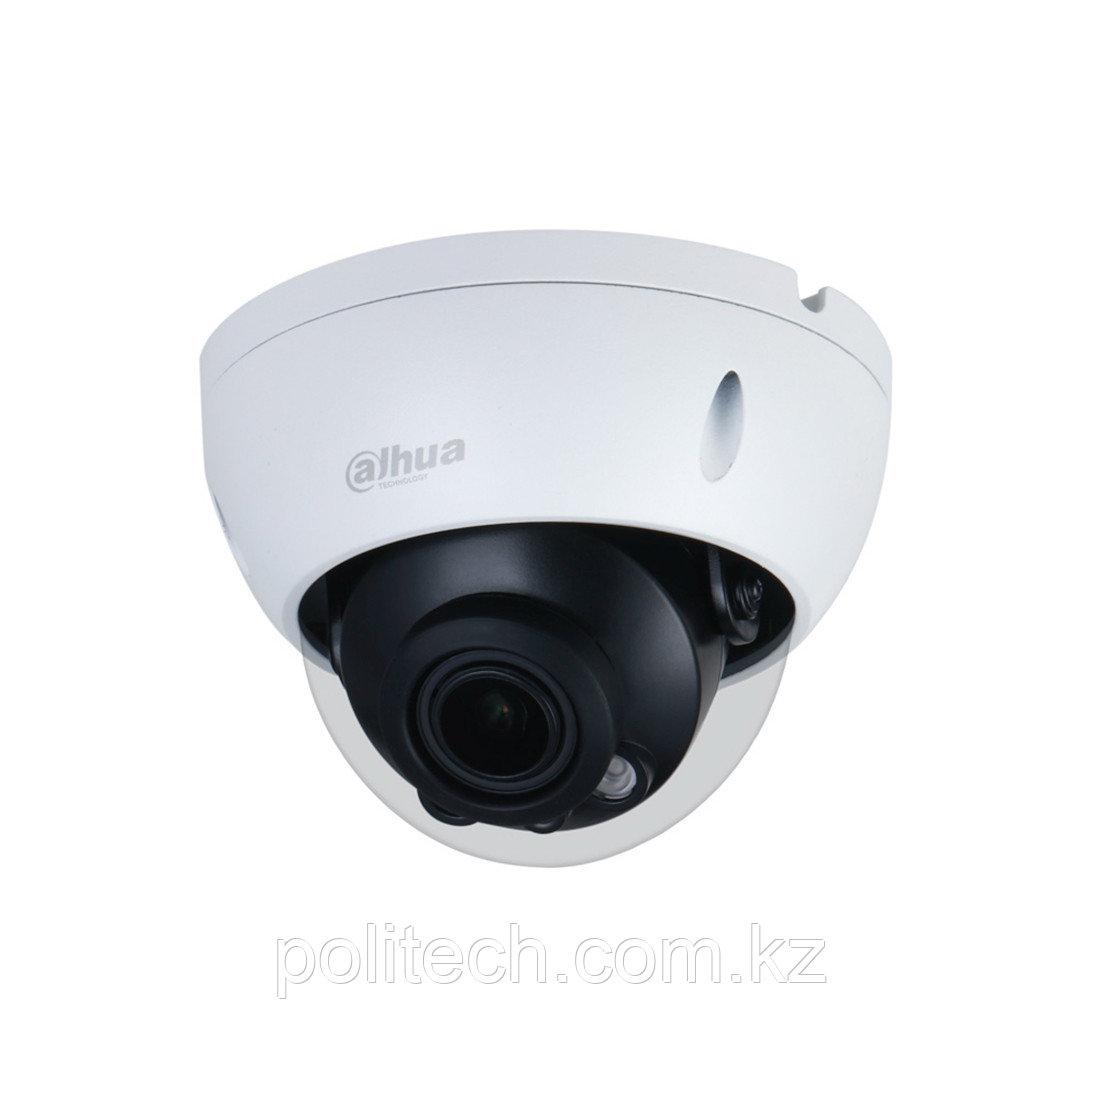 Купольная видеокамера Dahua DH-IPC-HDBW3441RP-ZS